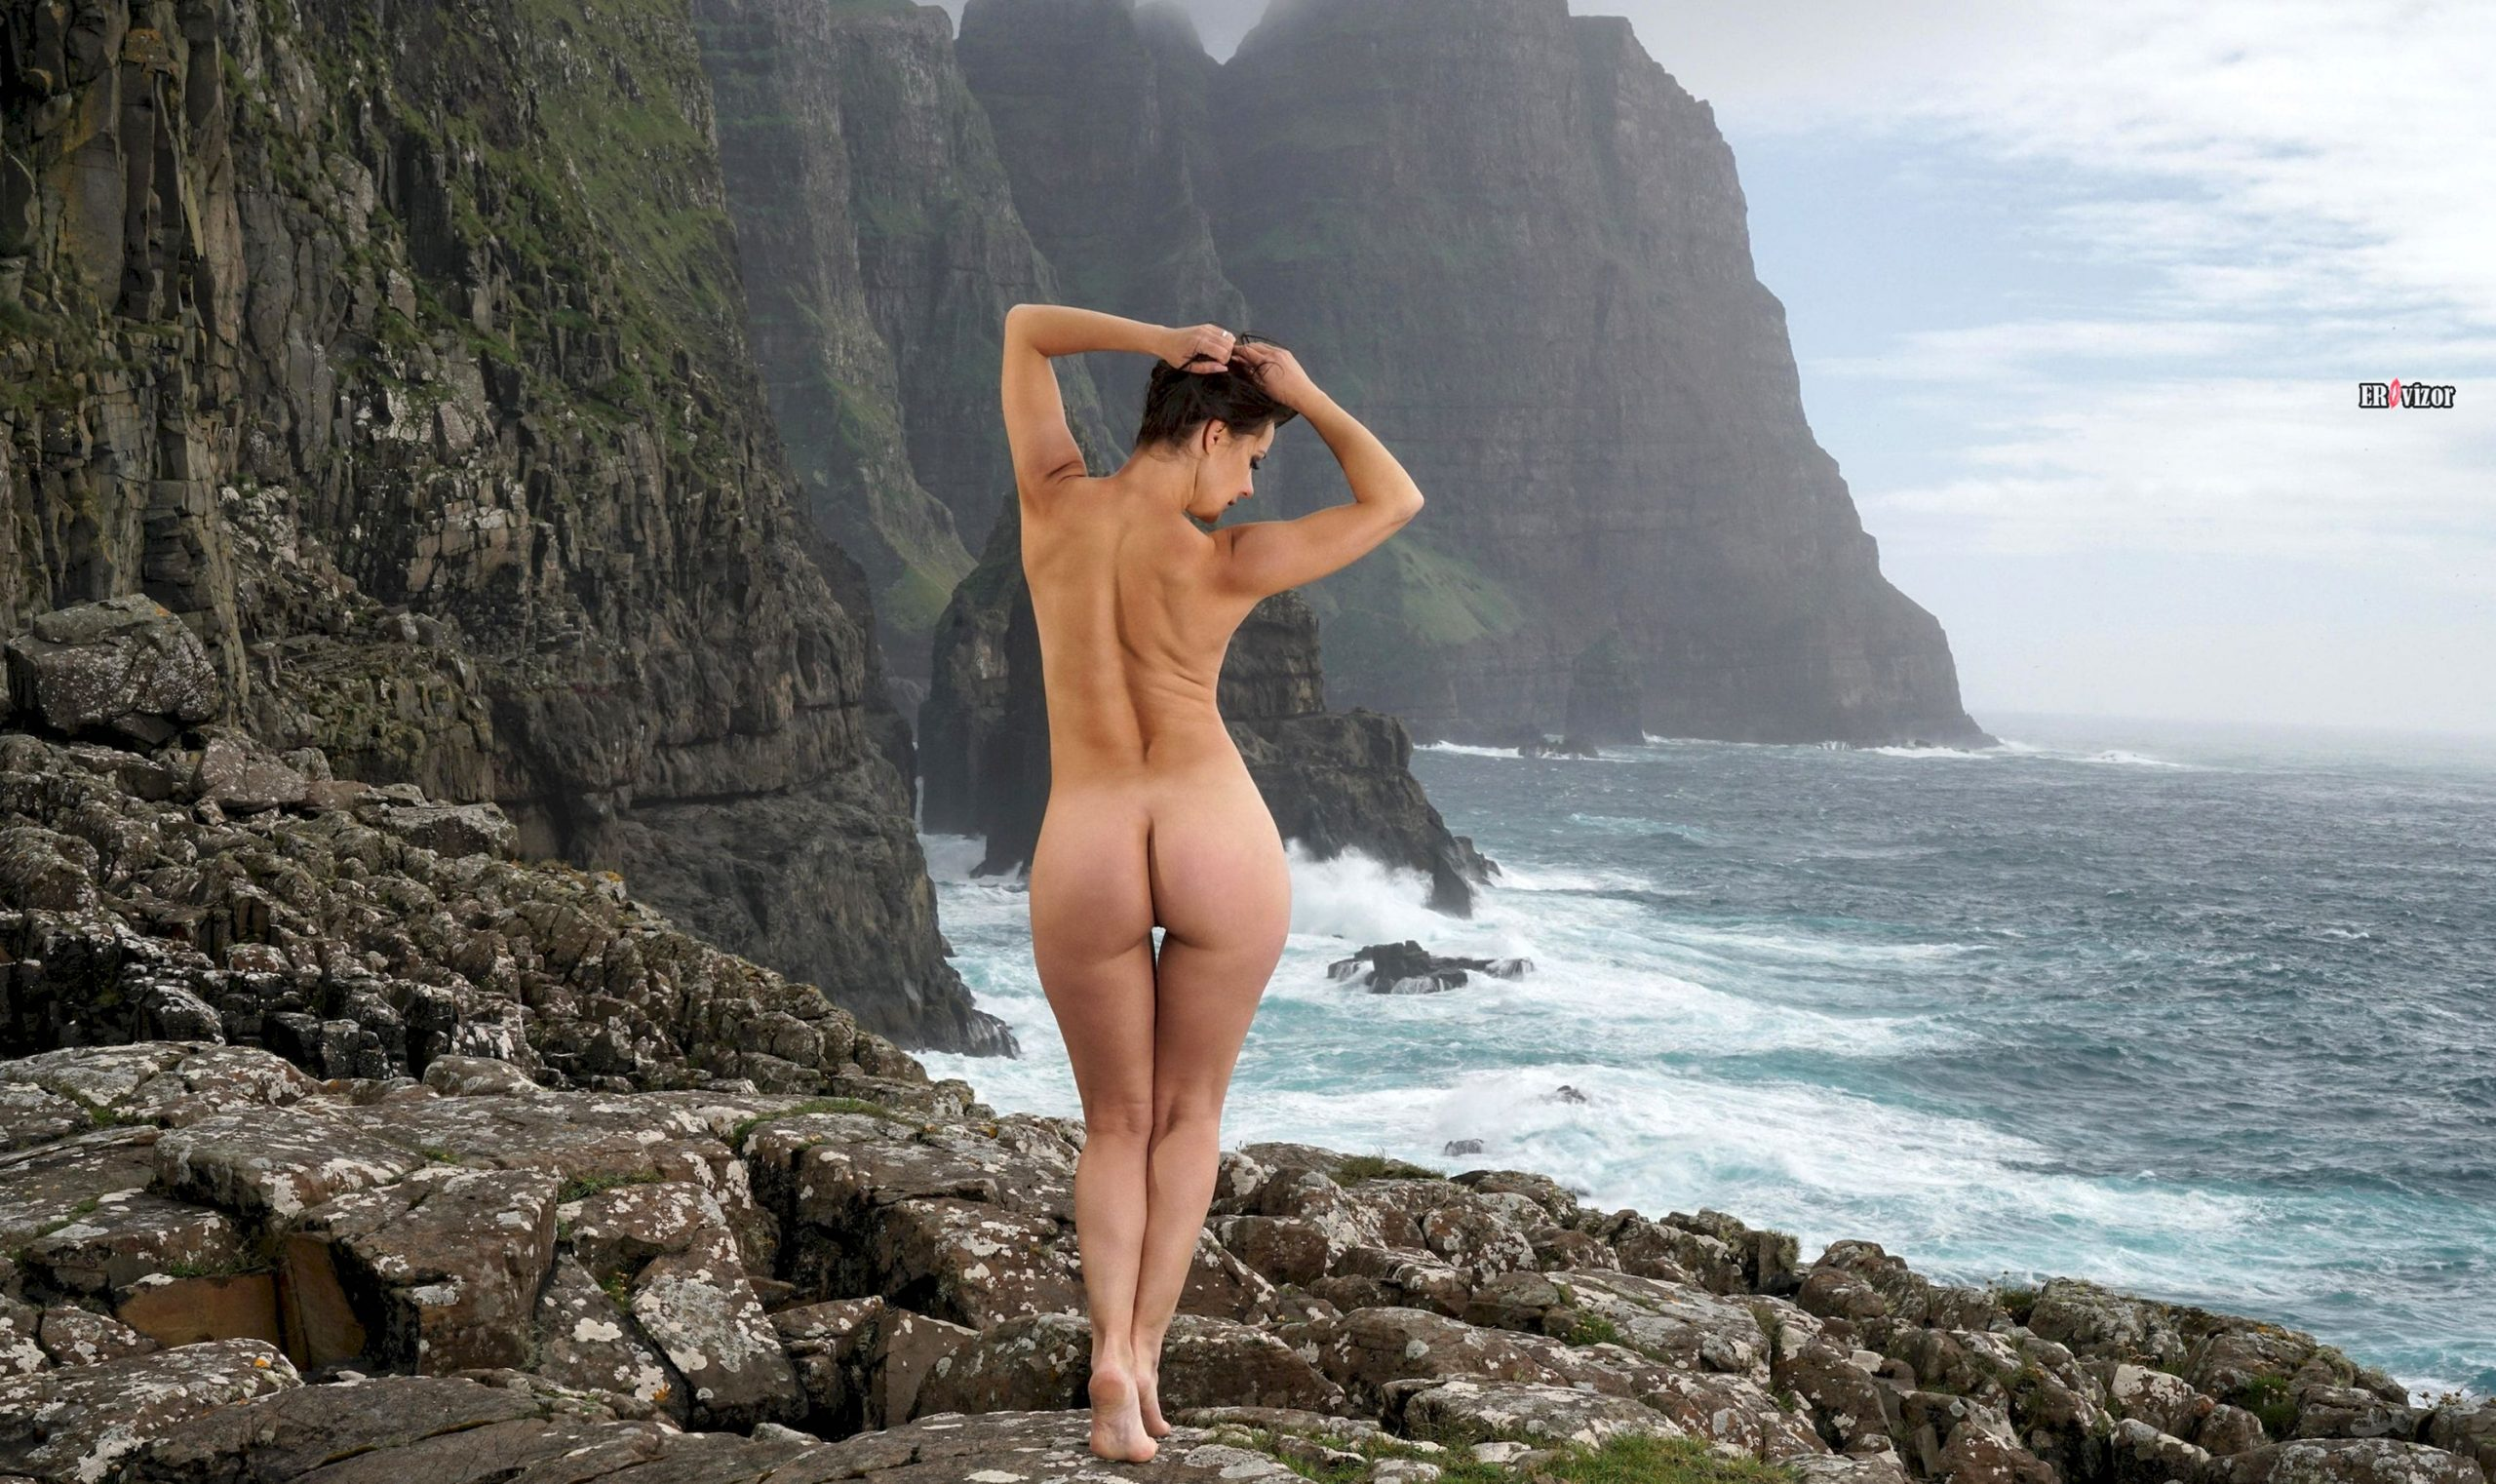 Стройная фигура Melisa Mendiny сзади